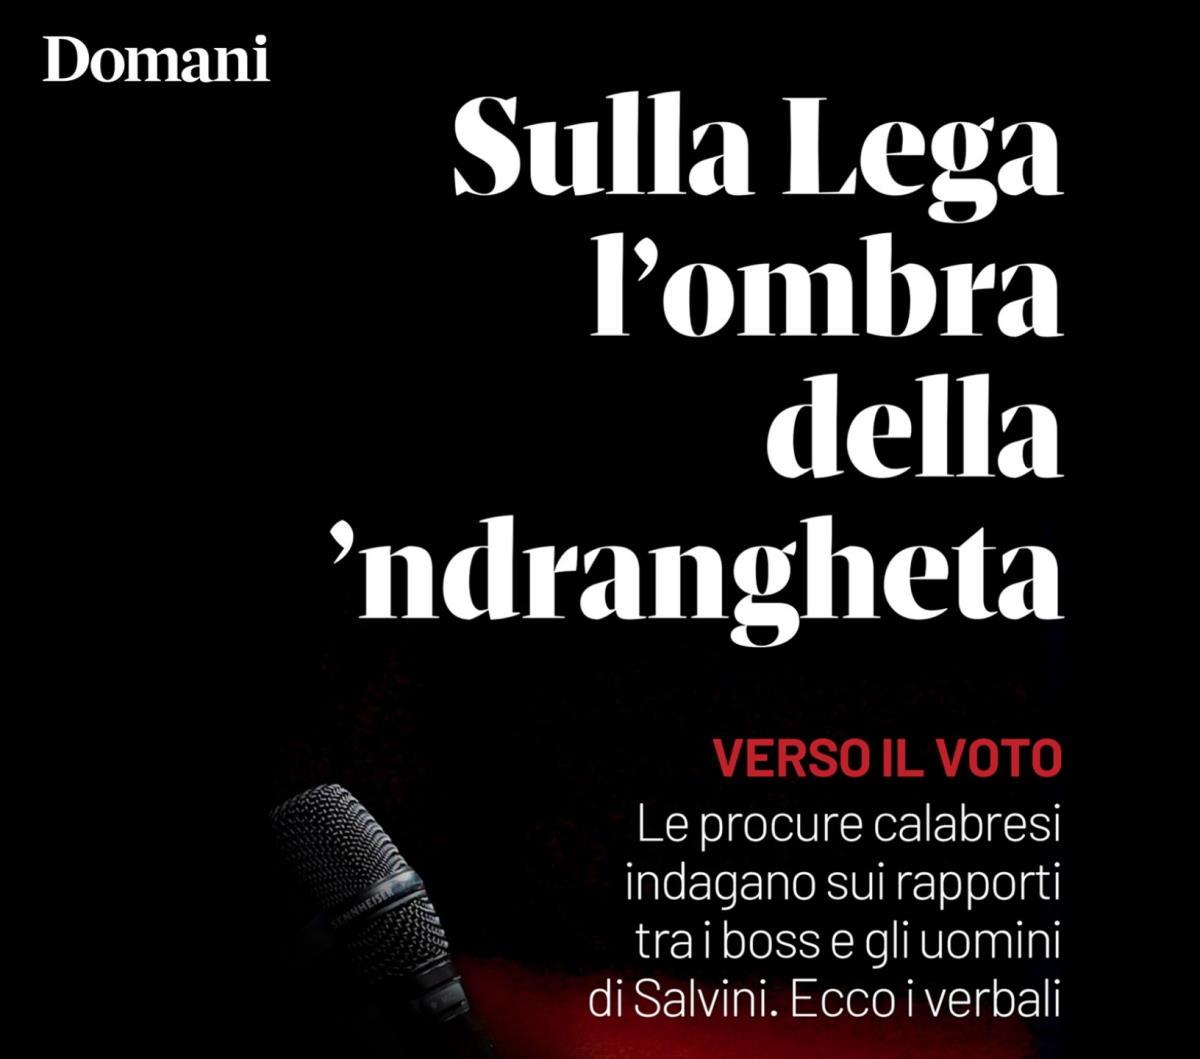 Salvini dice che a lui e alla Lega la mafia fa schifo. Alcune inchieste, a partire da quella di Domani, sembrano dimostrare altro...